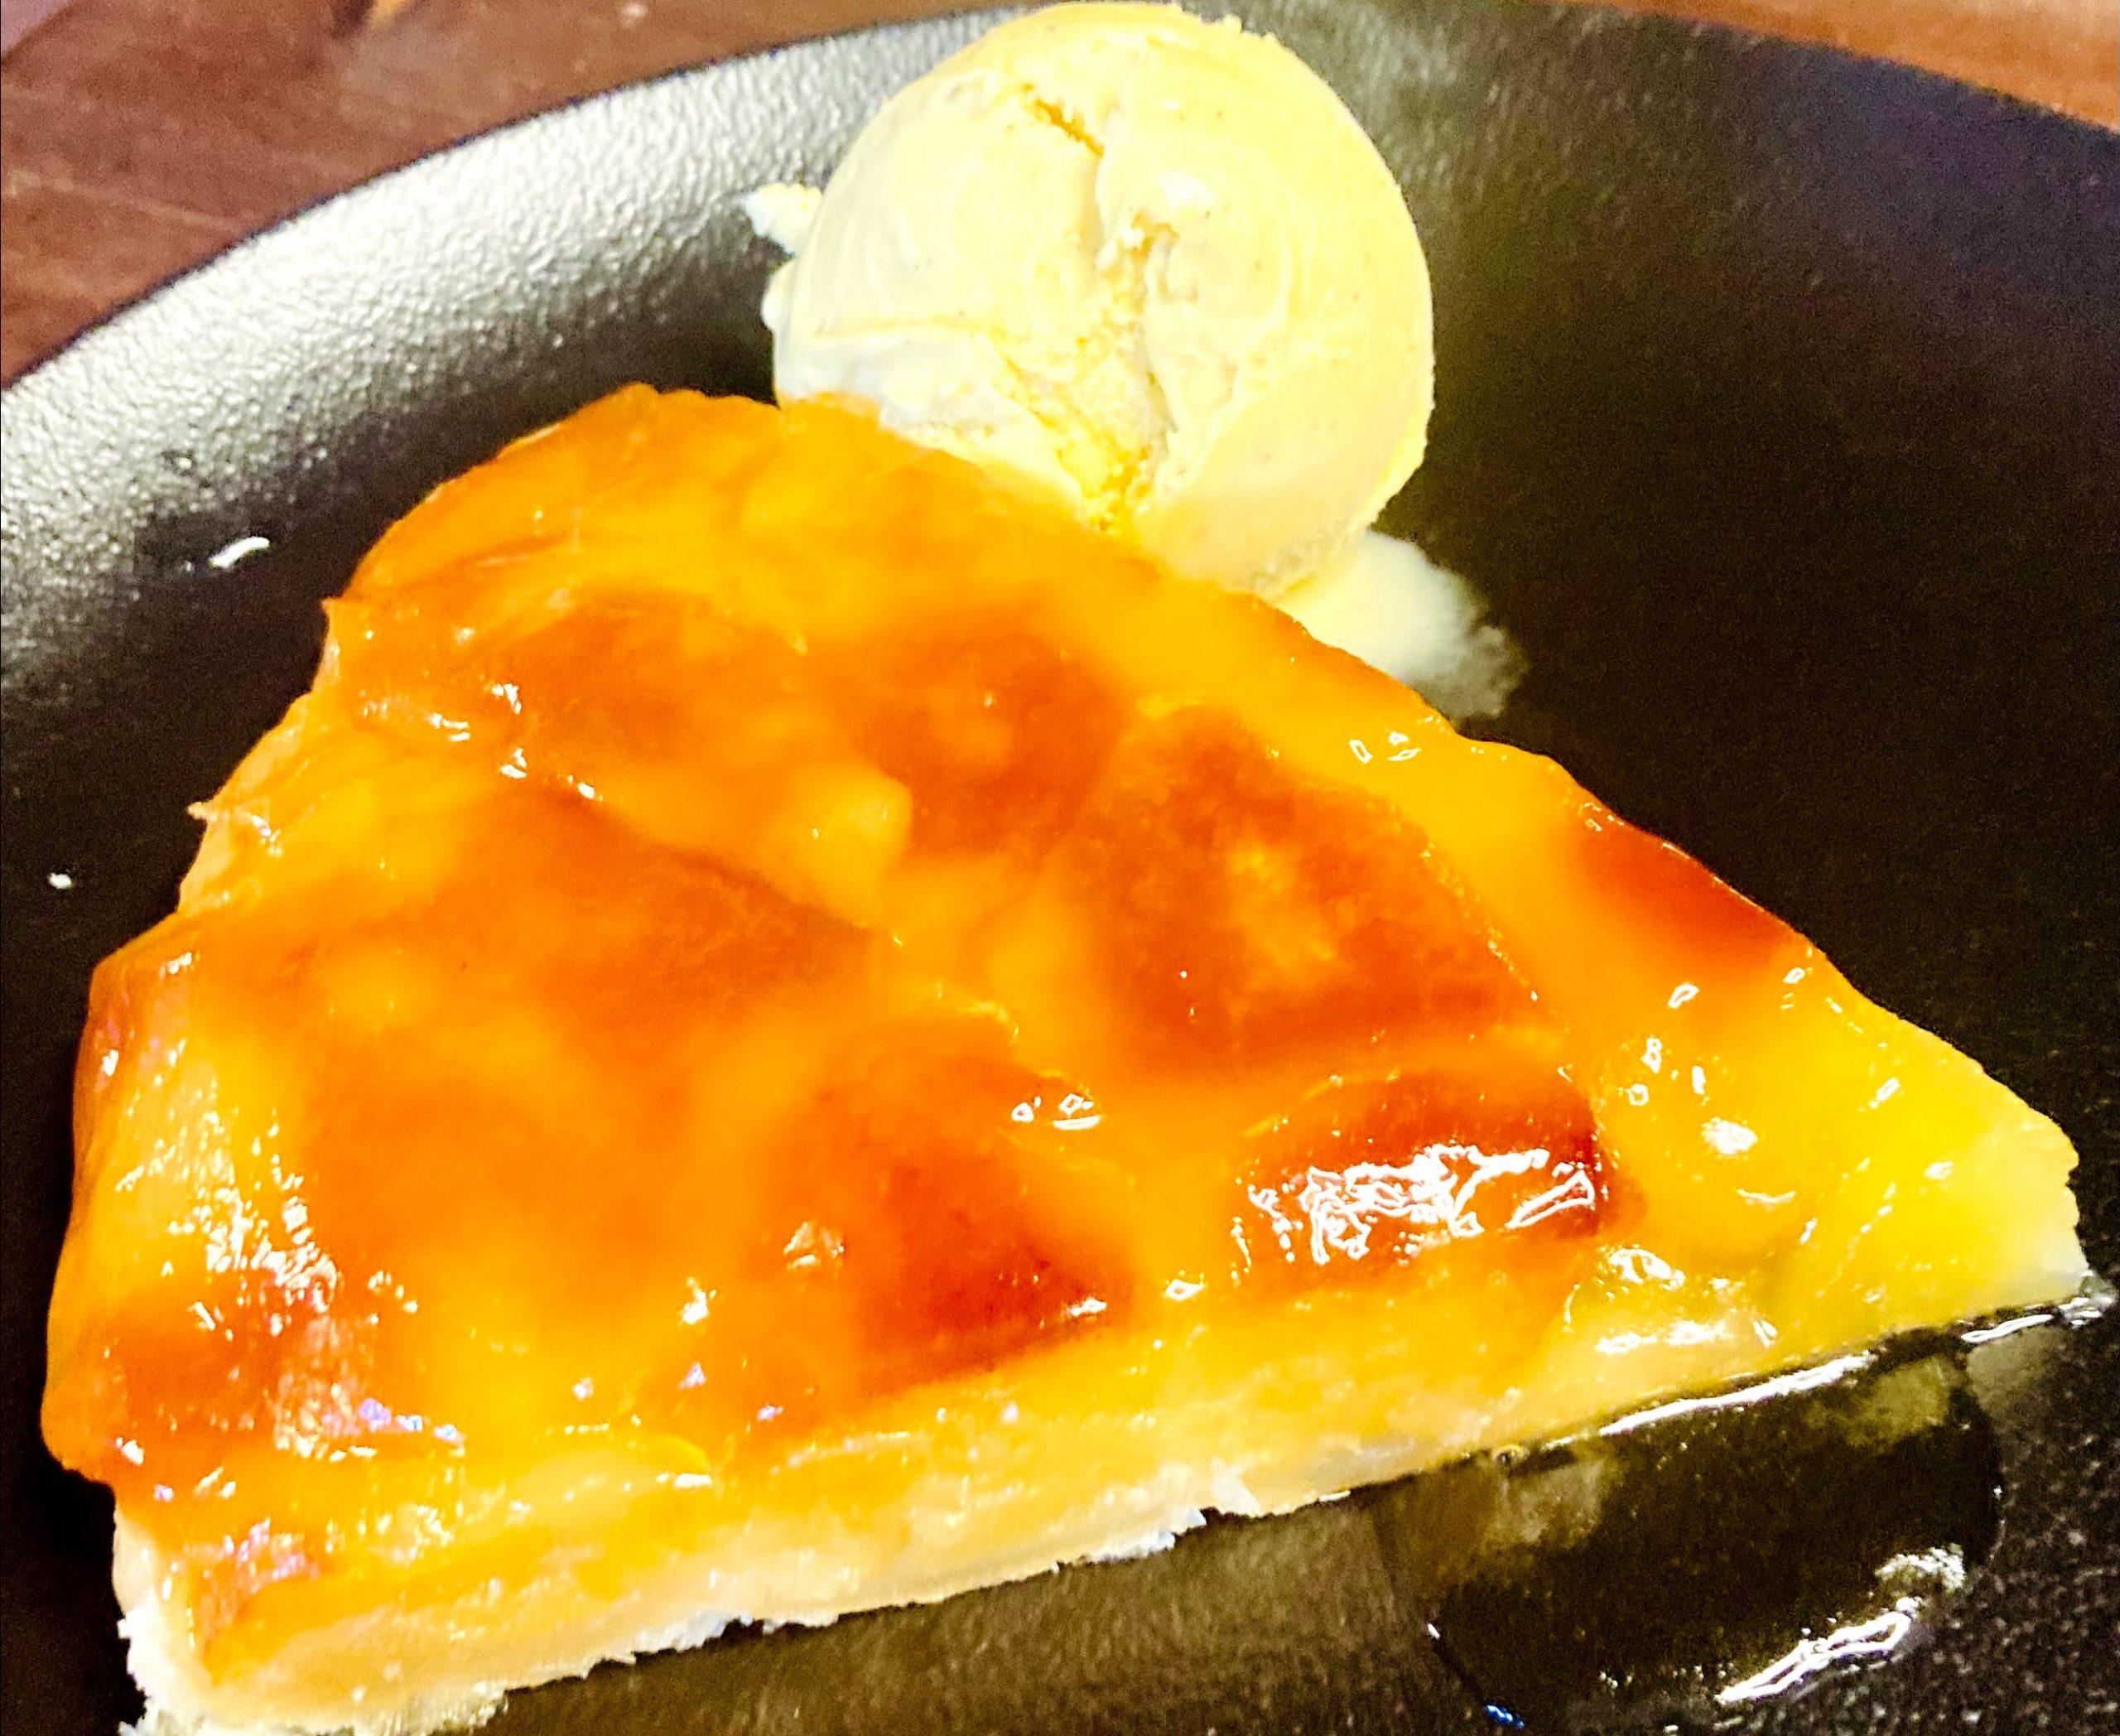 Tarta Tatin feta al forn de carbó Josper La tradició diu que la Tarta Tatin va ser creada per accident a l'Hotel Tatin de Lamotte-Beuvron